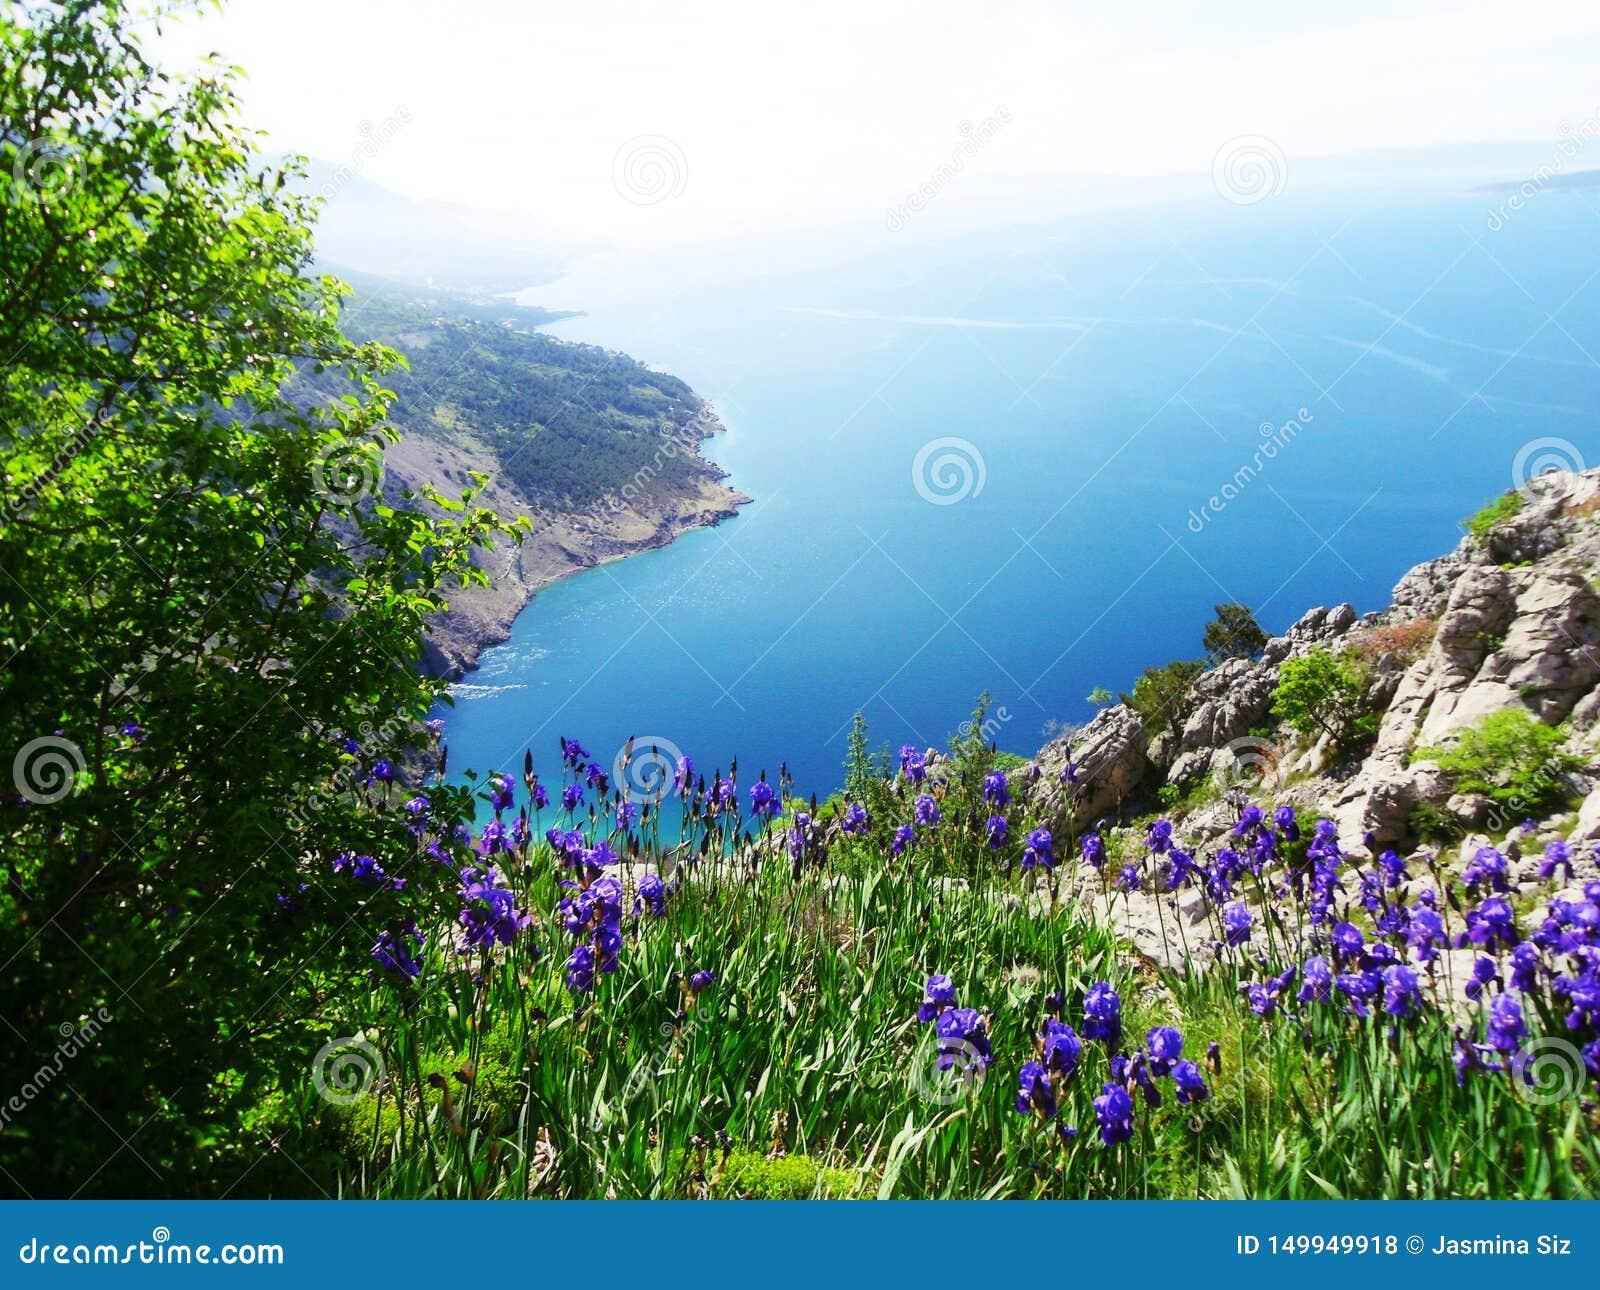 Prachtige mening over het Adriatische Overzees in Dalmatië, gebied in Kroatië, Europa